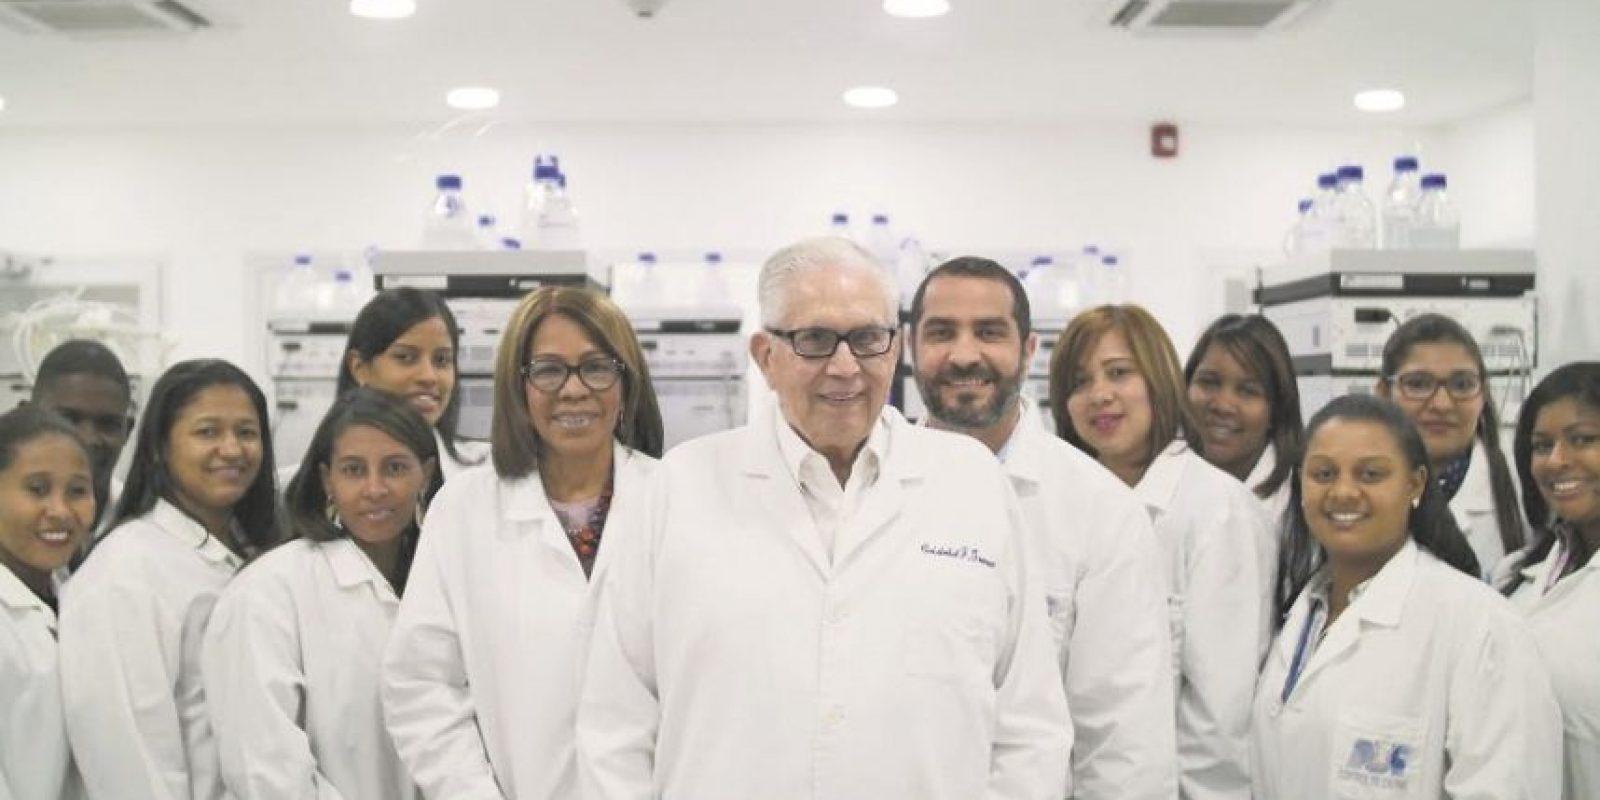 El equipo profesional del Laboratorio Maganachen tiene la filosofía de vender calidad en sus productos.. Foto:Fuente externa